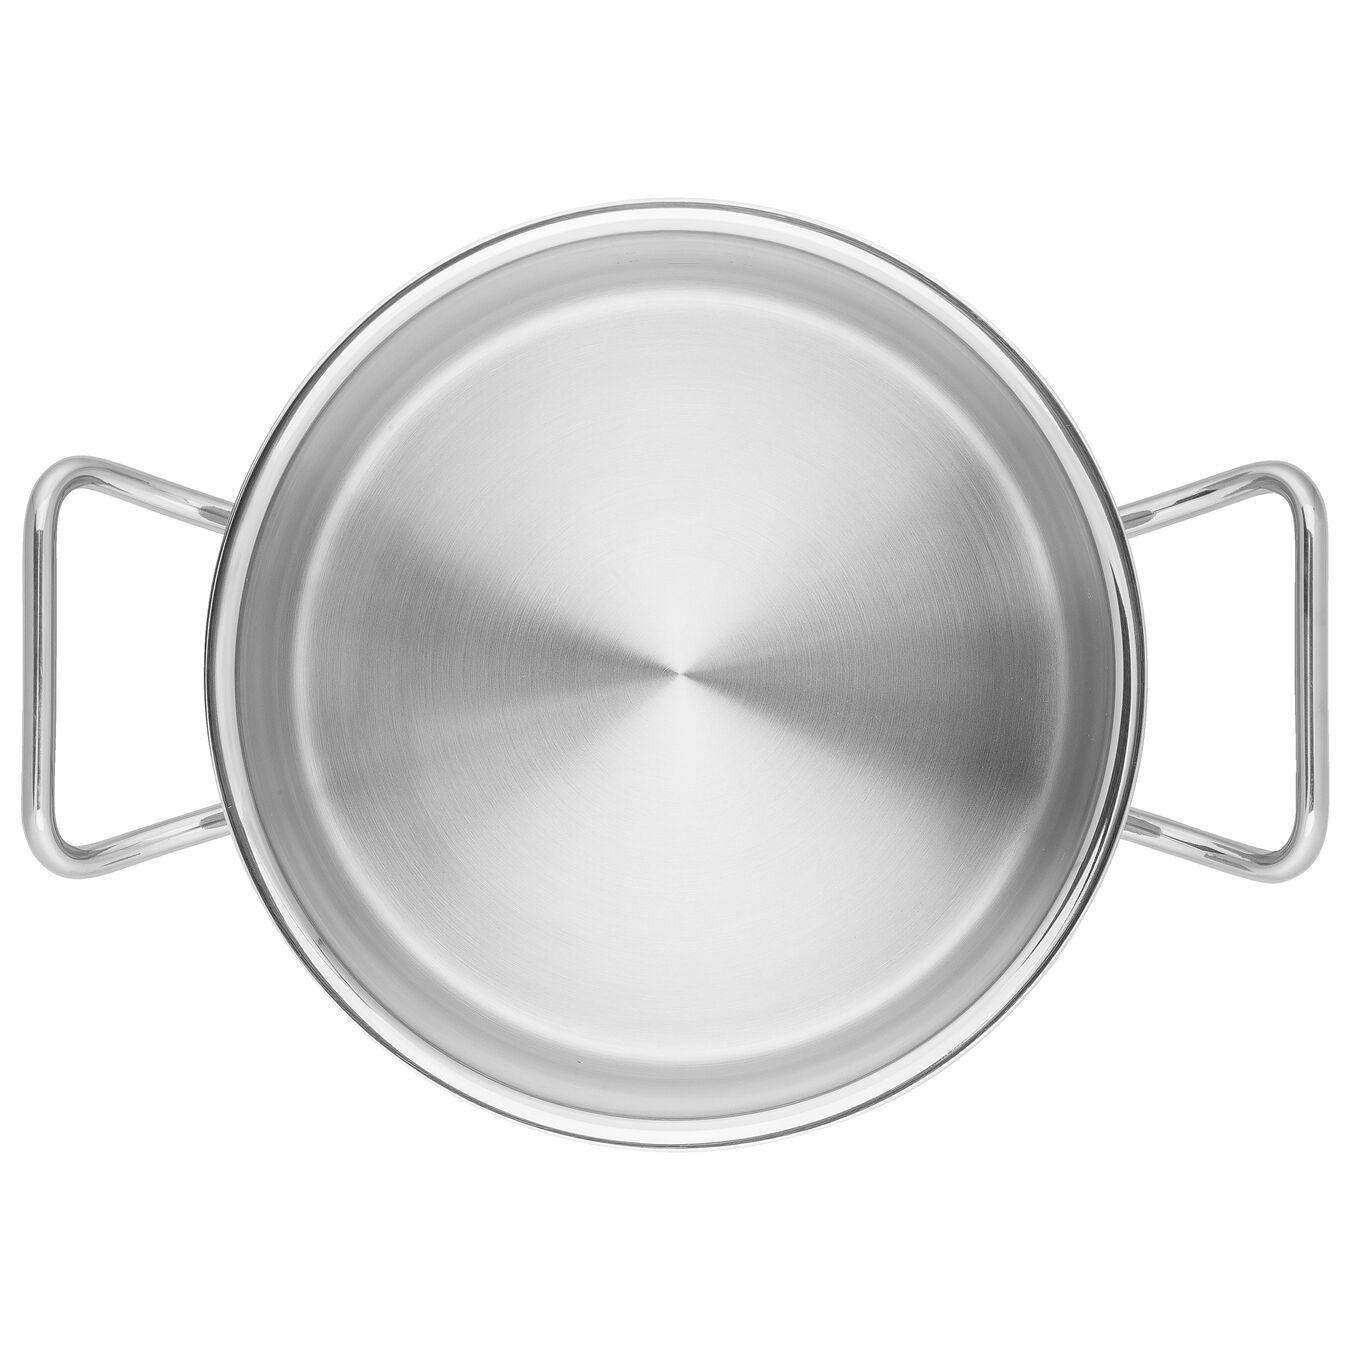 Suppegryde 20 cm, 18/10 rustfrit stål,,large 7